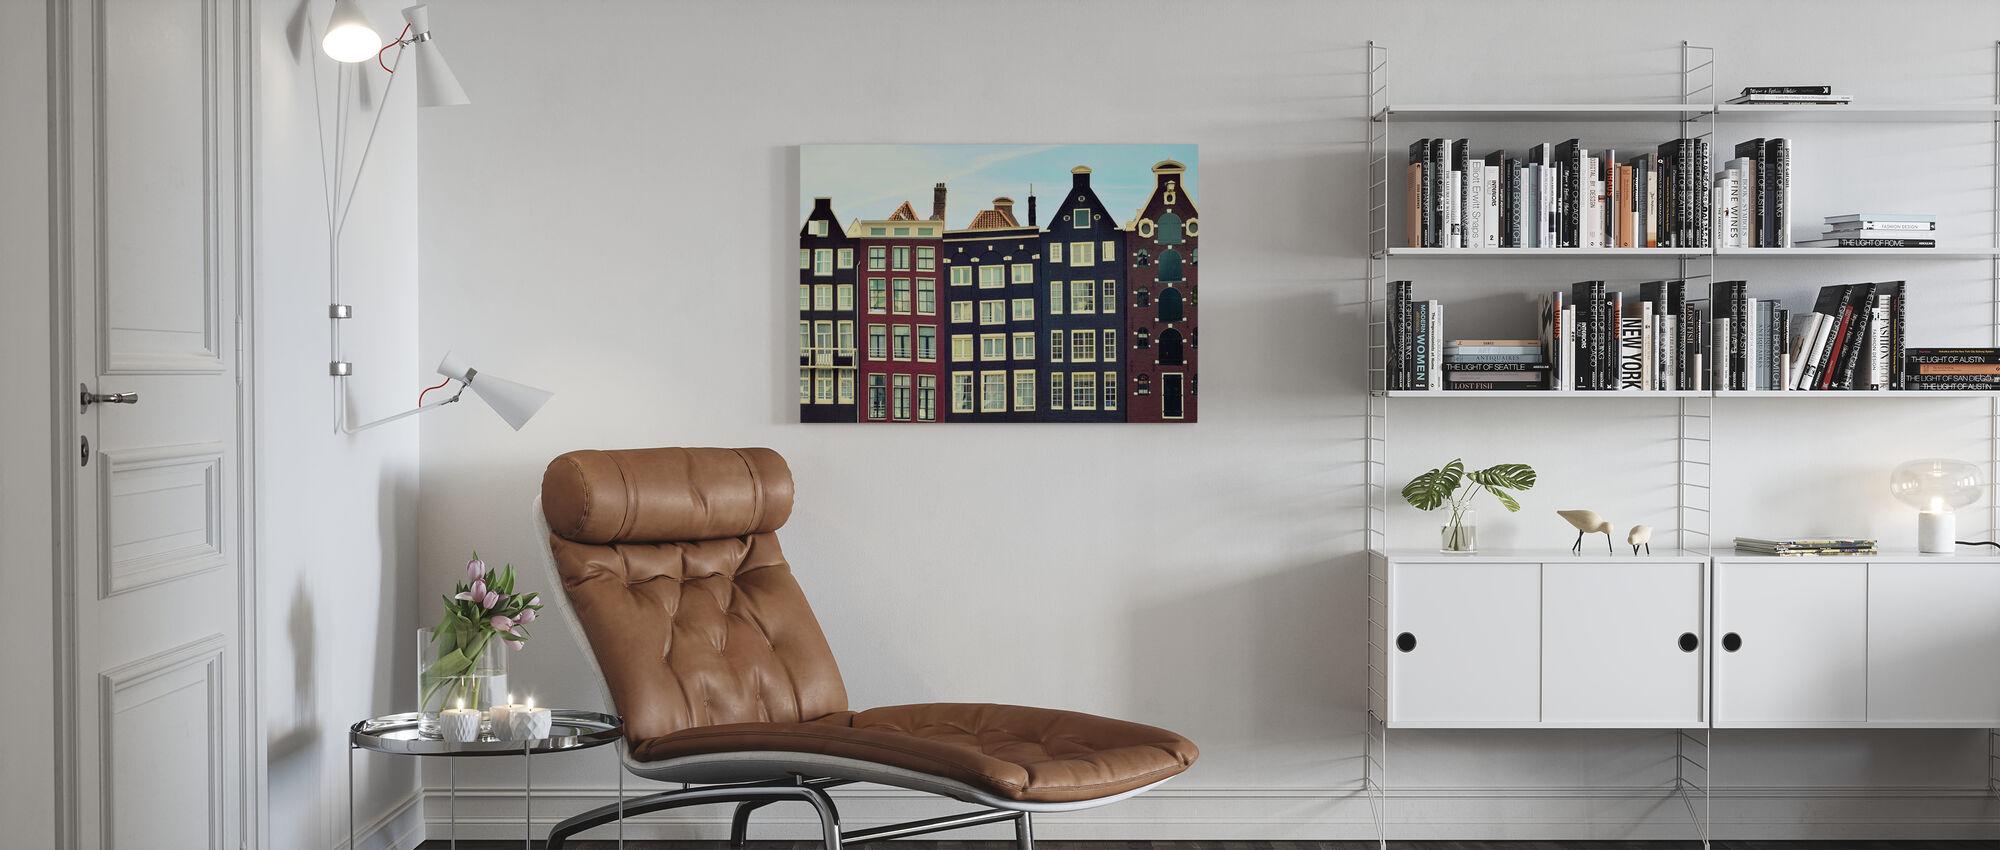 Amsterdam Häuser - Leinwandbild - Wohnzimmer